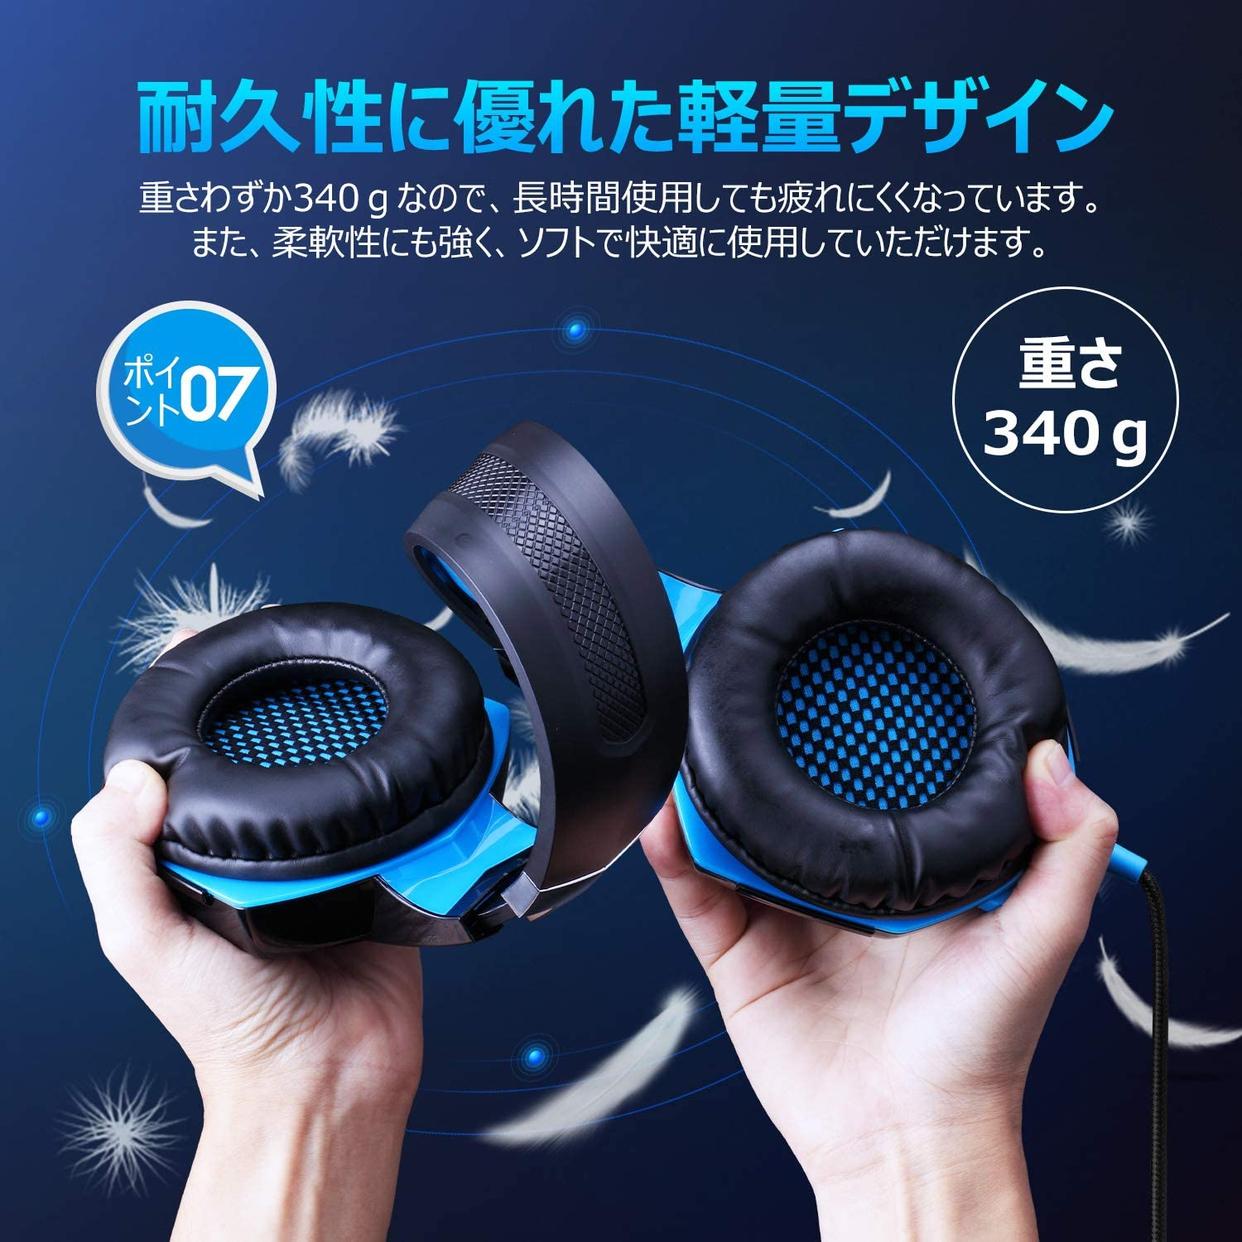 ARKARTECH(アーカーテック) ゲーミングヘッドセット G2000の商品画像8